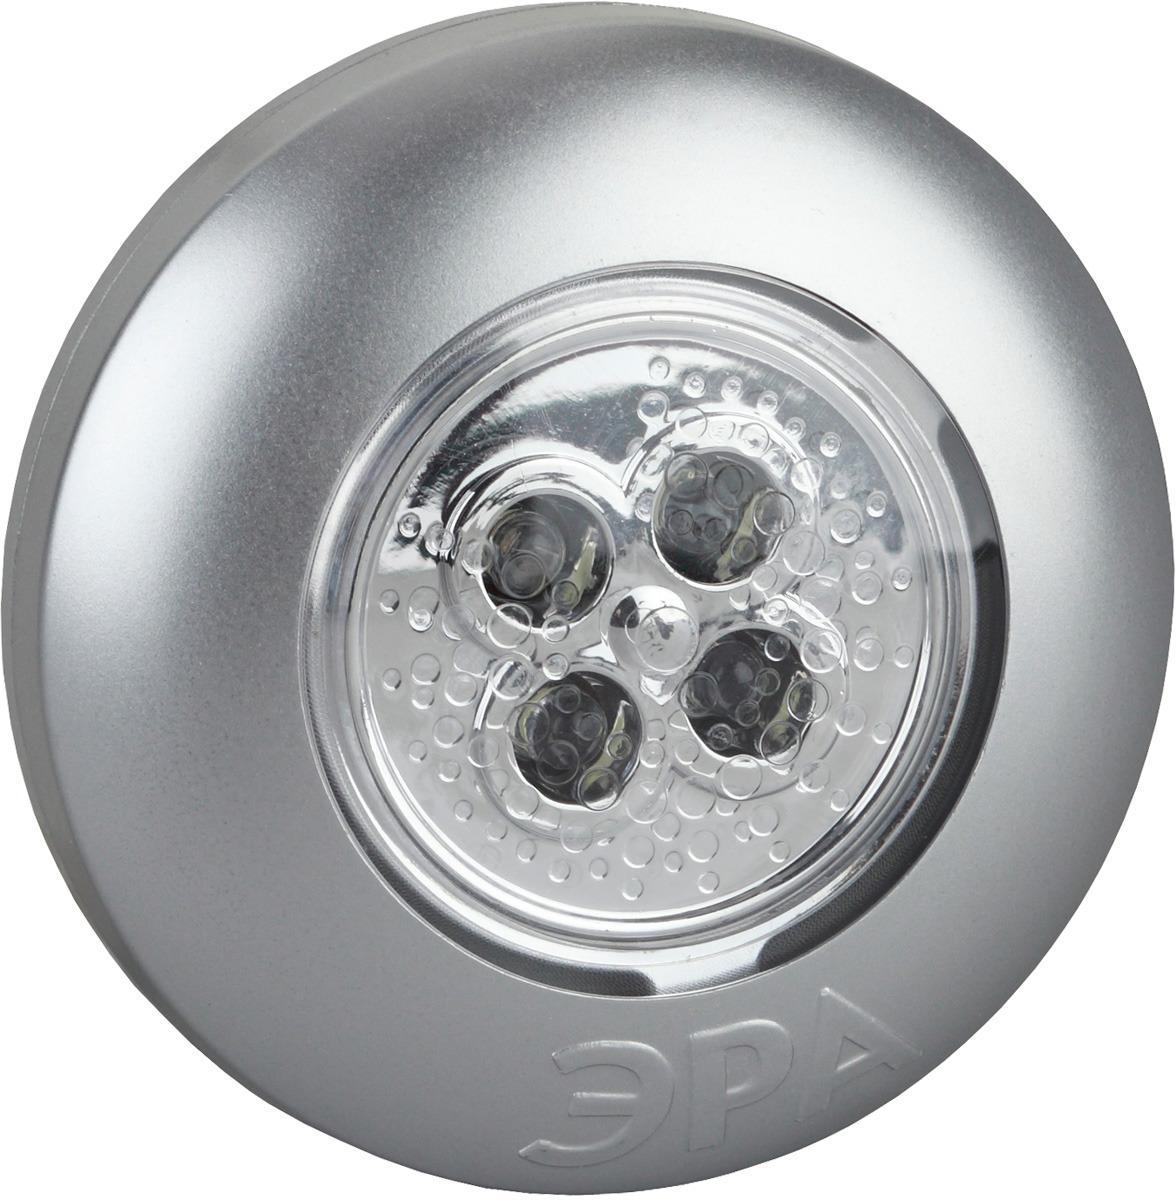 Фонарь декоративный ЭРА Аврора SB-503, серебристый, самоклеящийся, 4 x LED фонарь кемпинговый эра 6 x led 4 режима